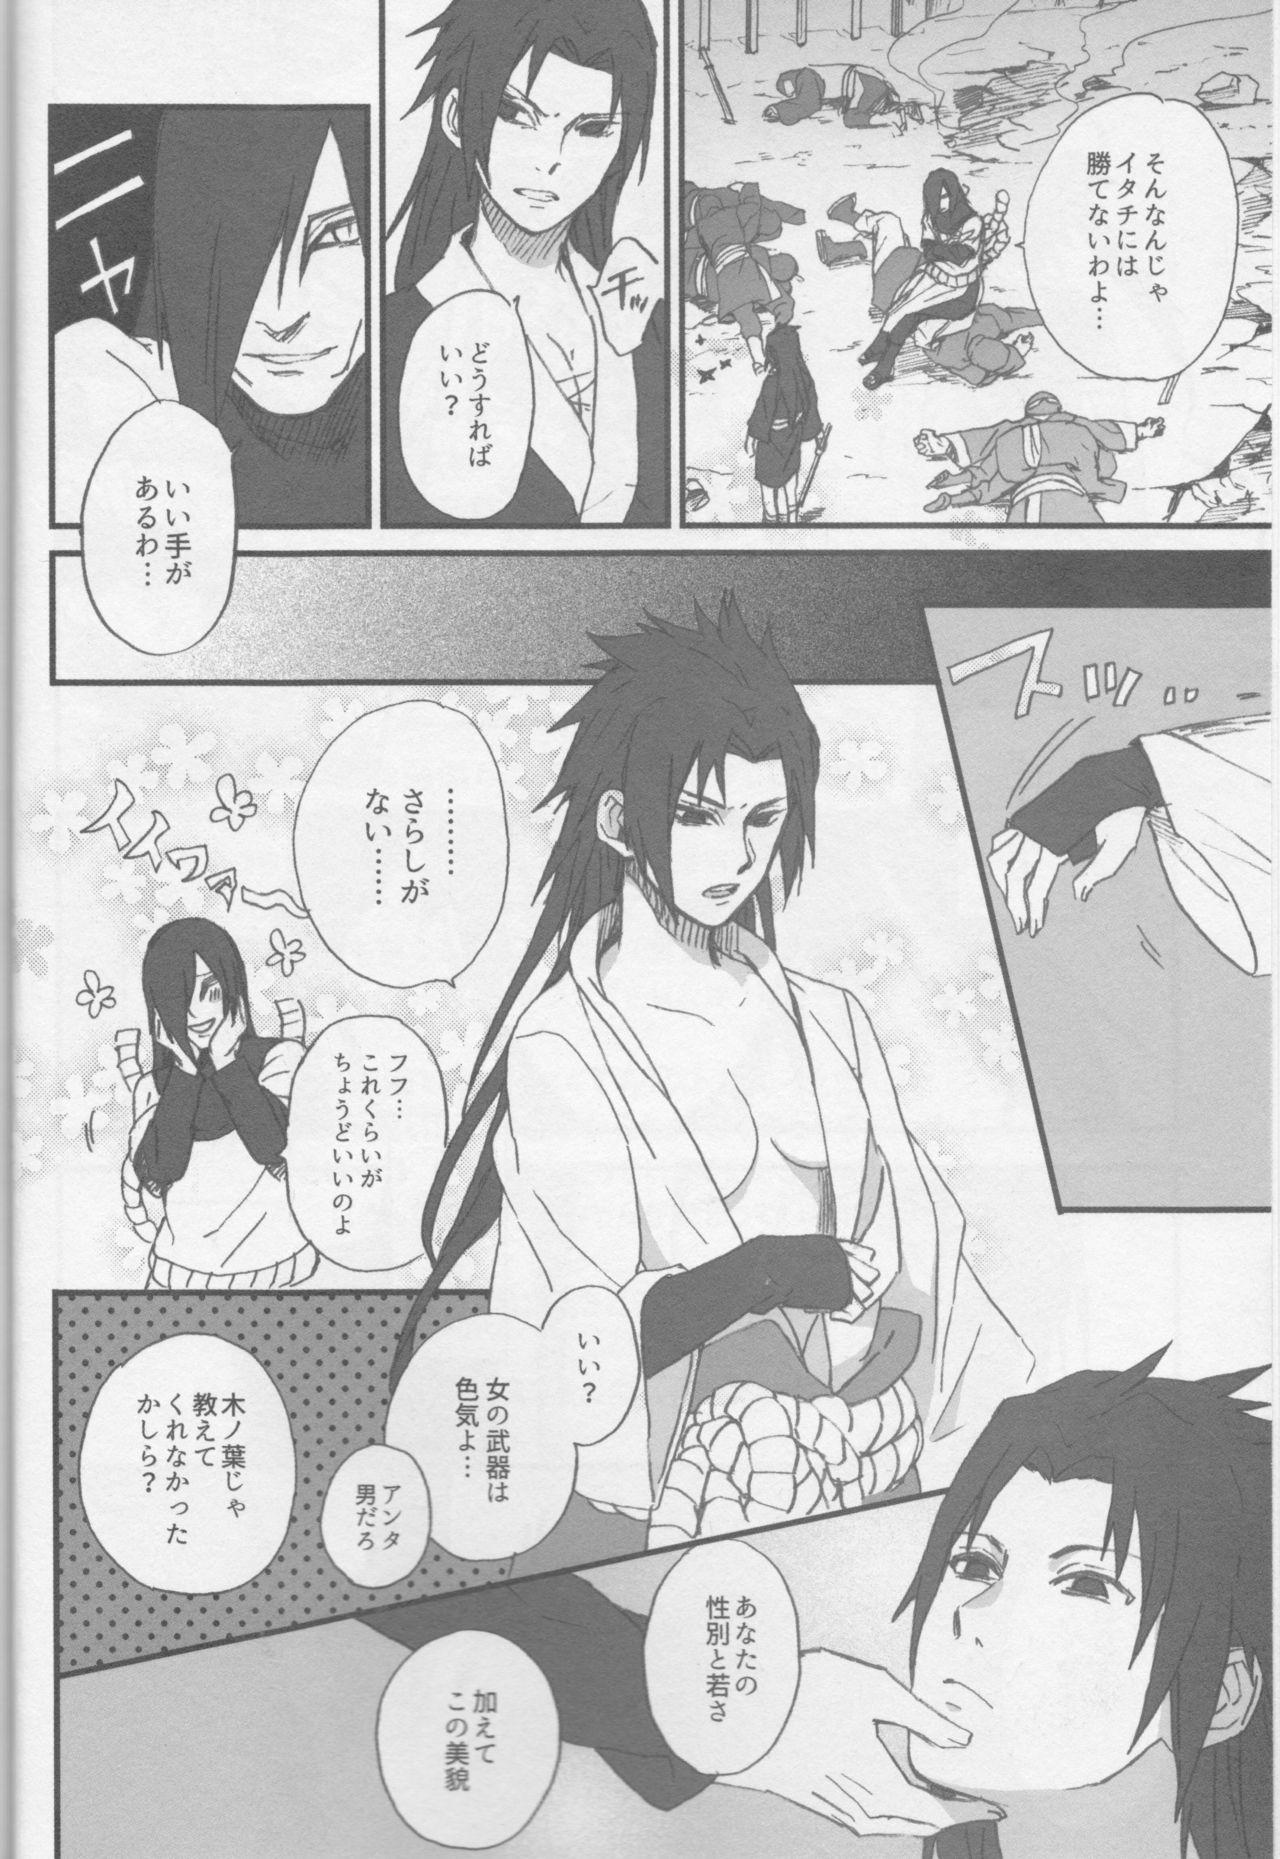 Ore o Konnafuuni Saseta no wa Nii-san Nanda zo 4